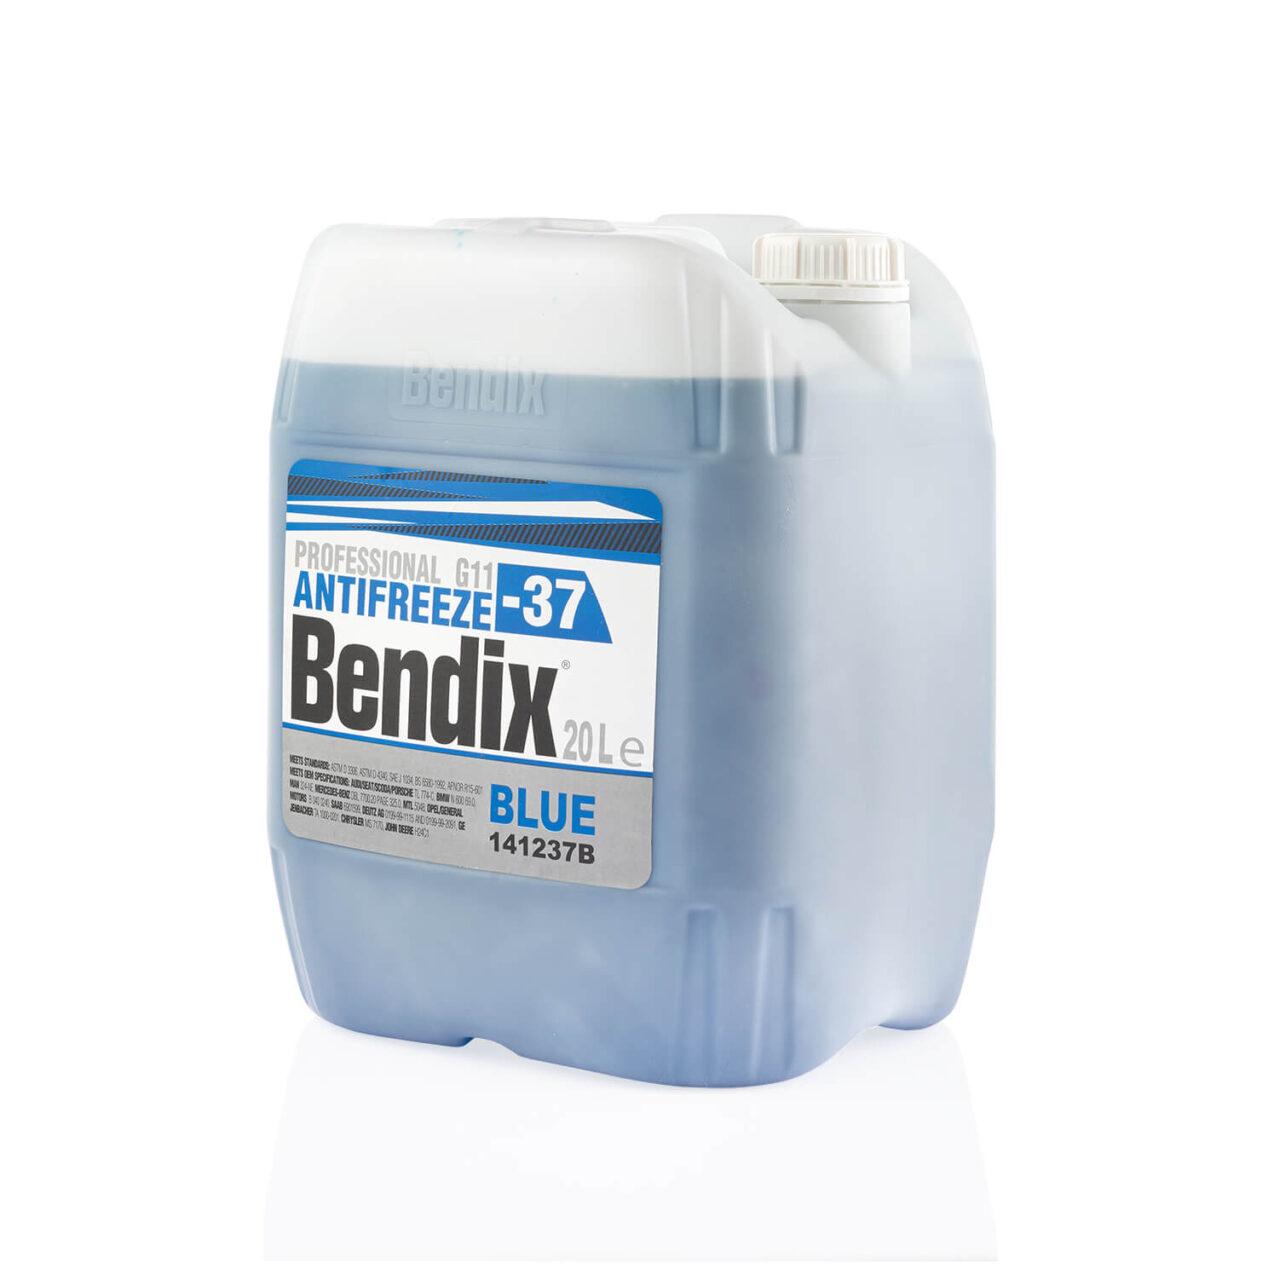 Bendix G11 Antifreeze -37 20L